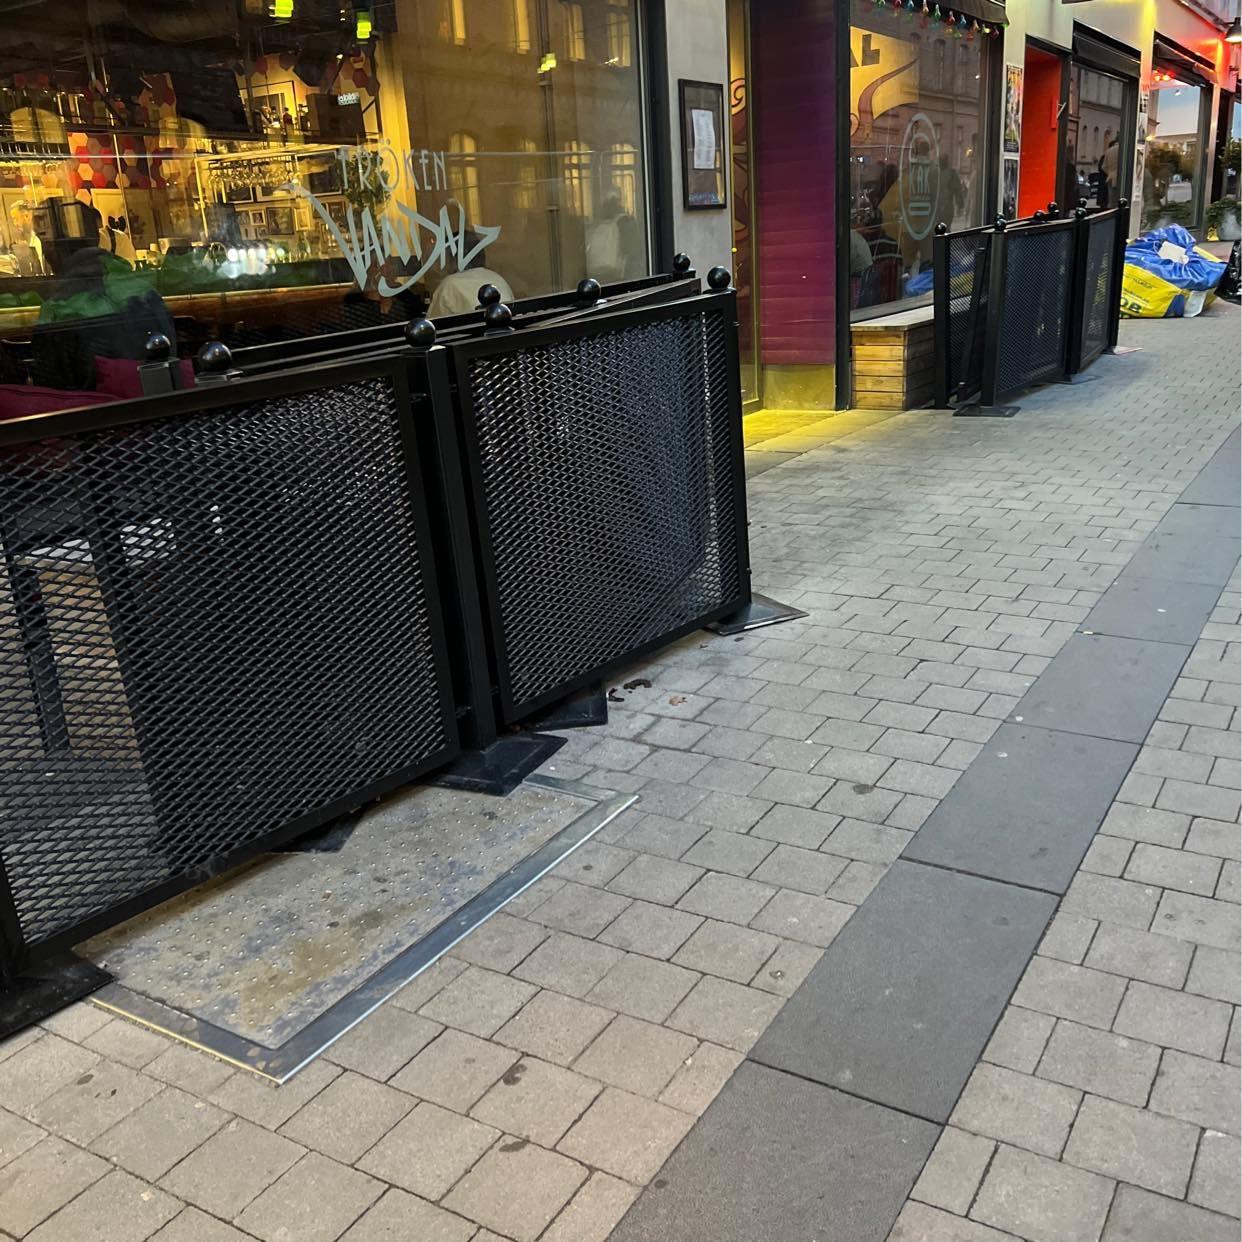 image of Flytta staket - Stockholm